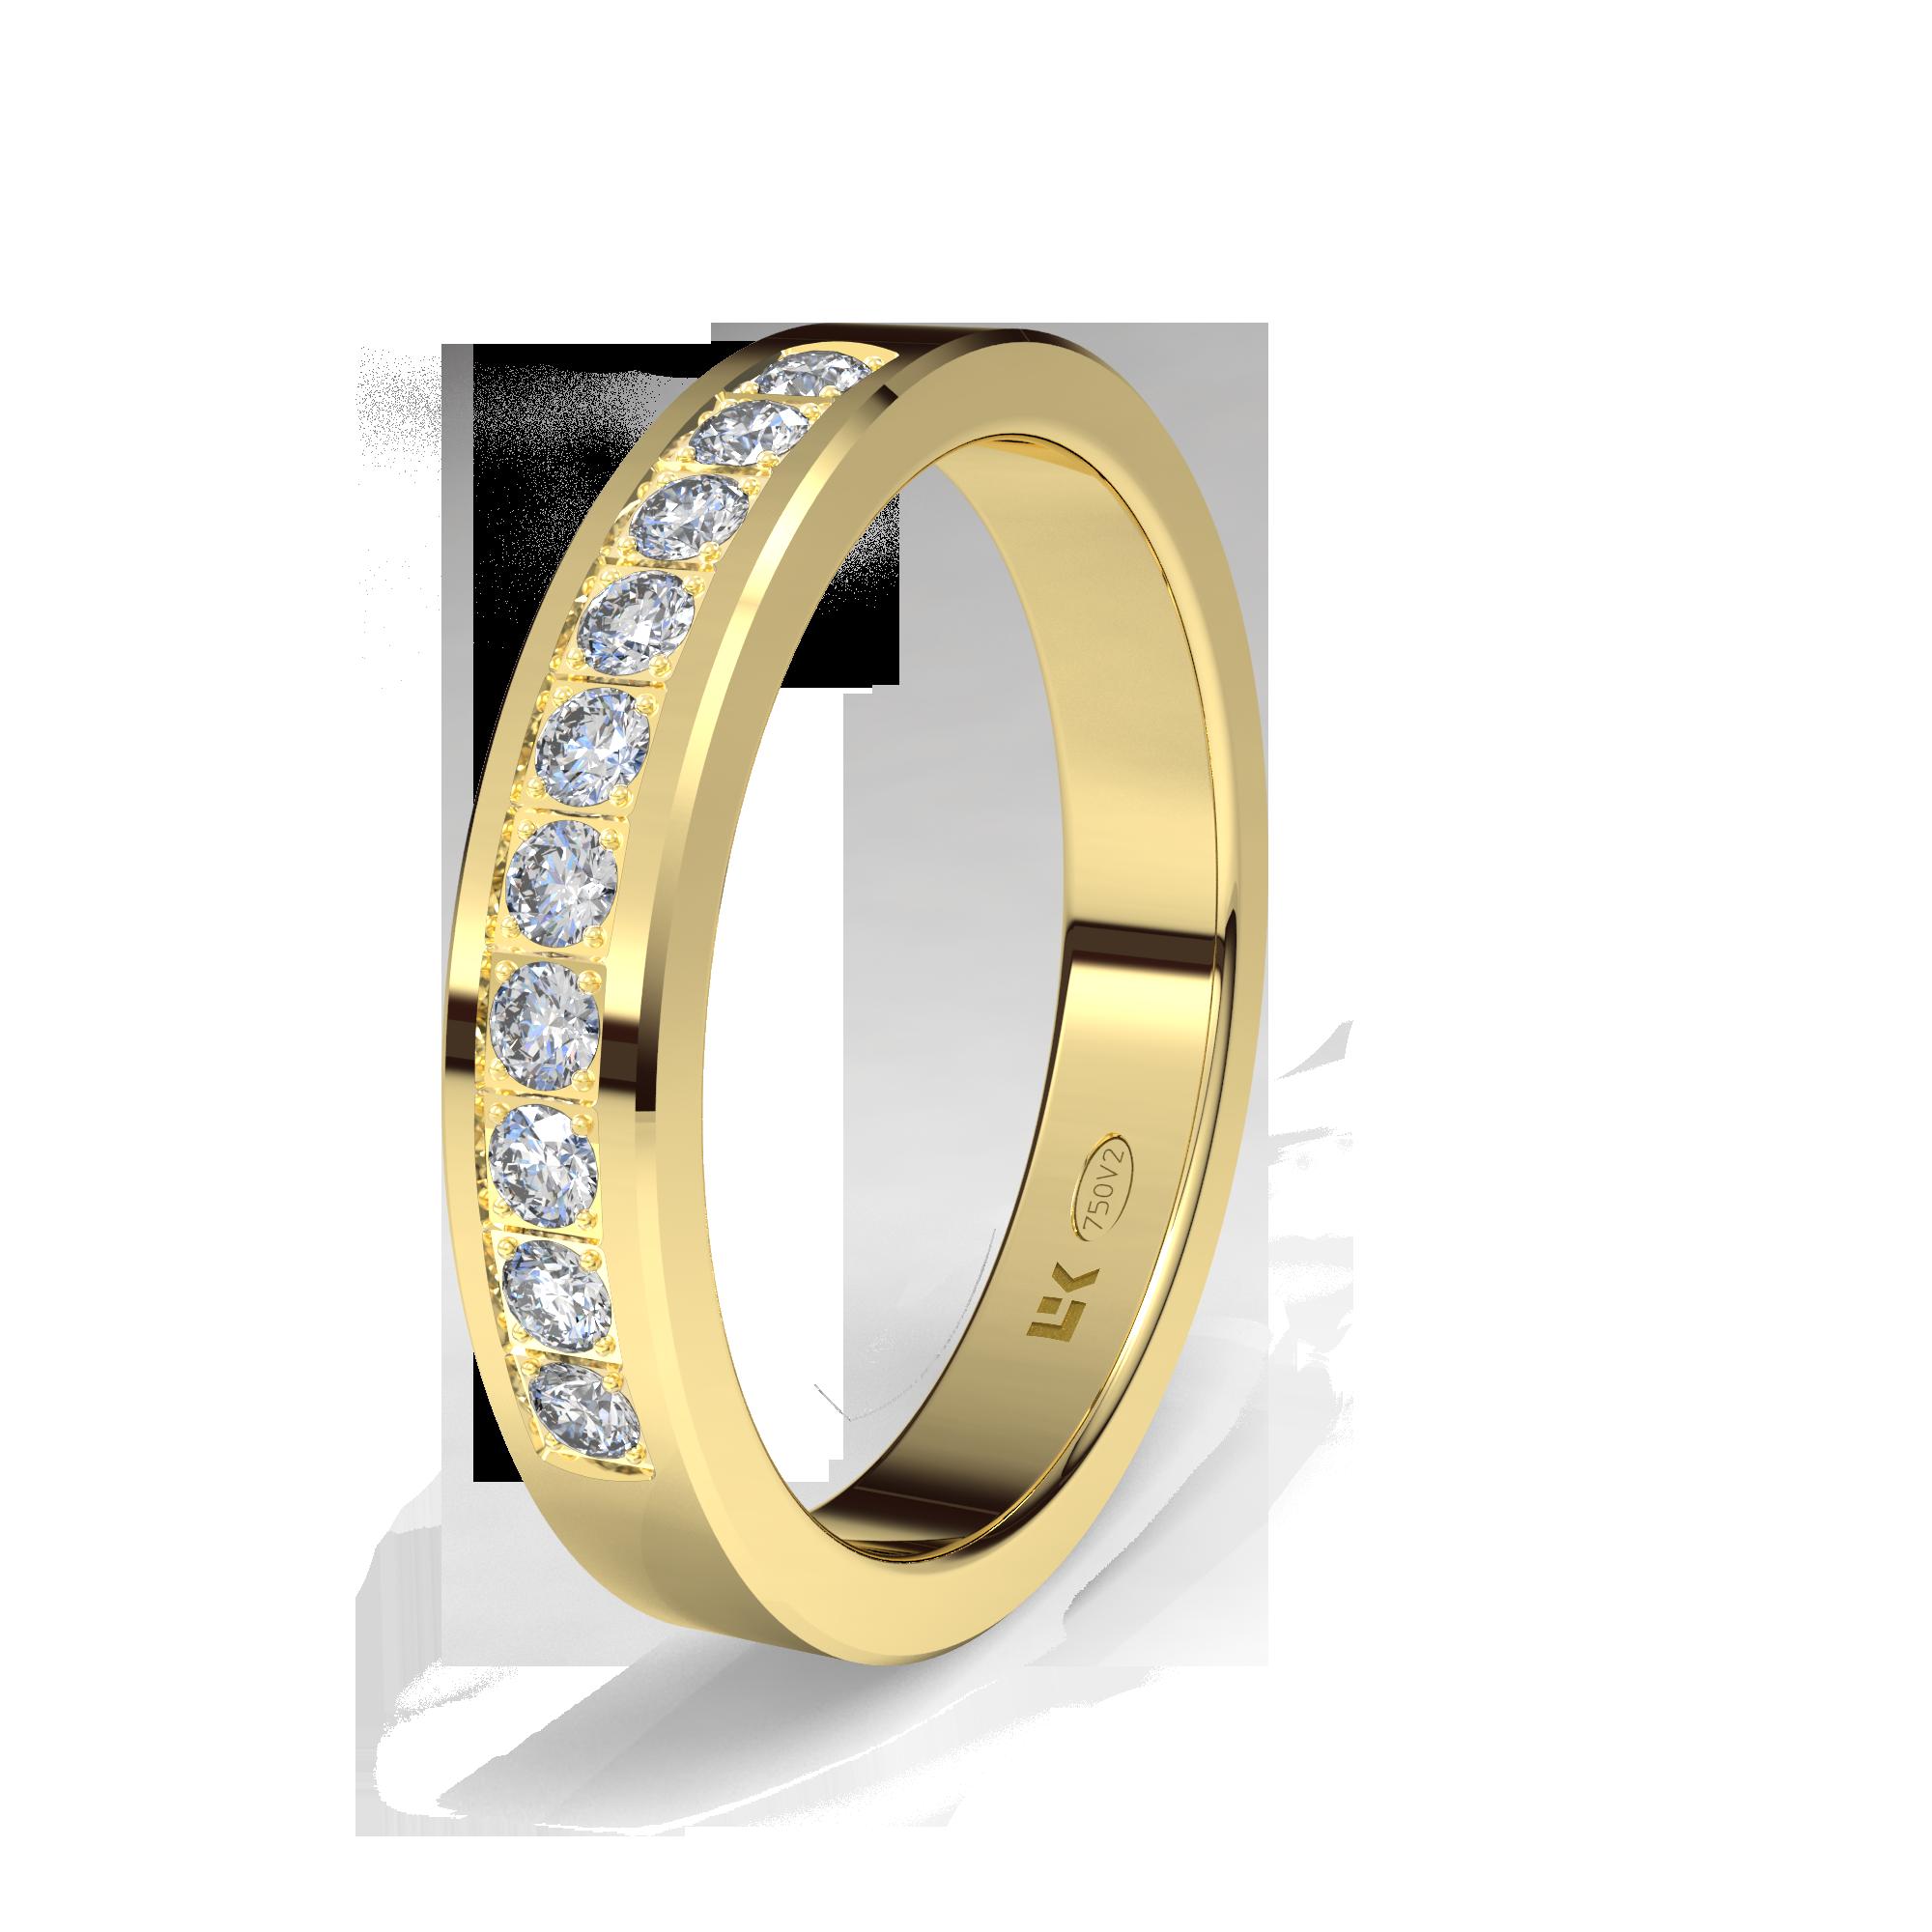 c7892d8d5825 PAOGI - Alianzas Cinta con Centro Ancho y Diamantes en Oro Amarillo ...